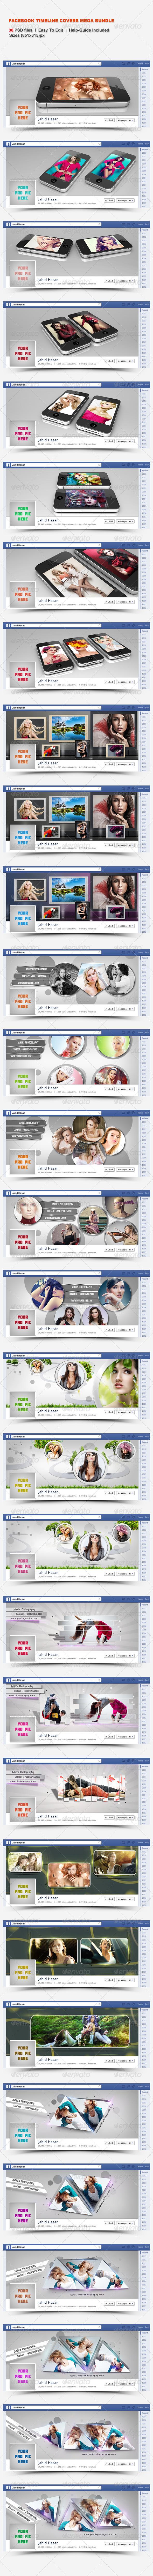 GraphicRiver Facebook Timeline Covers Mega Bundle 8006372